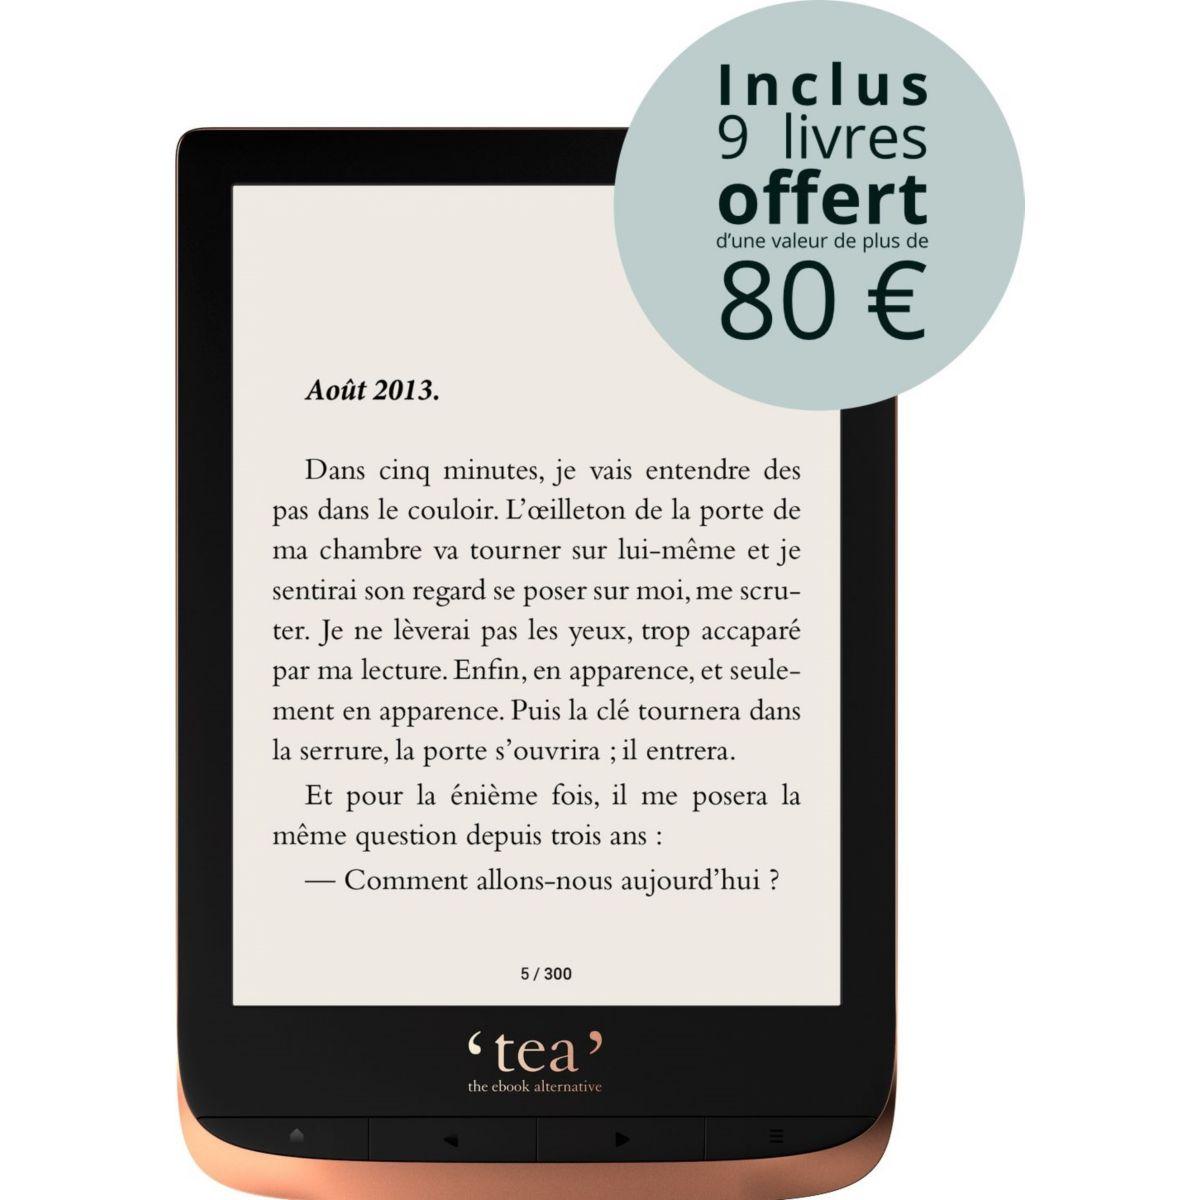 e-book TEA Touch HD + Pack d'ebooks OFFERT (photo)